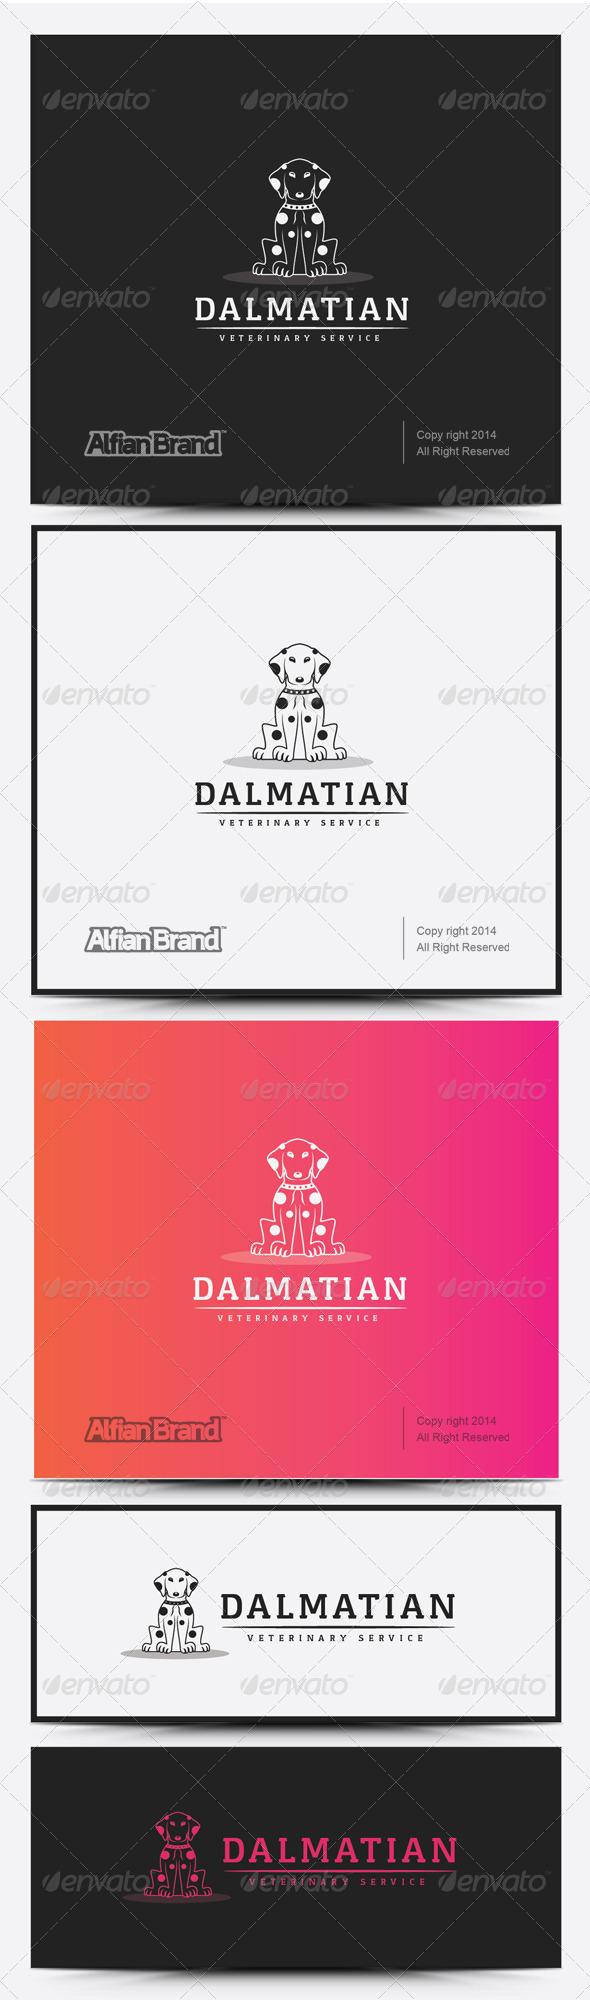 GraphicRiver Dalmatian Logo 8258457